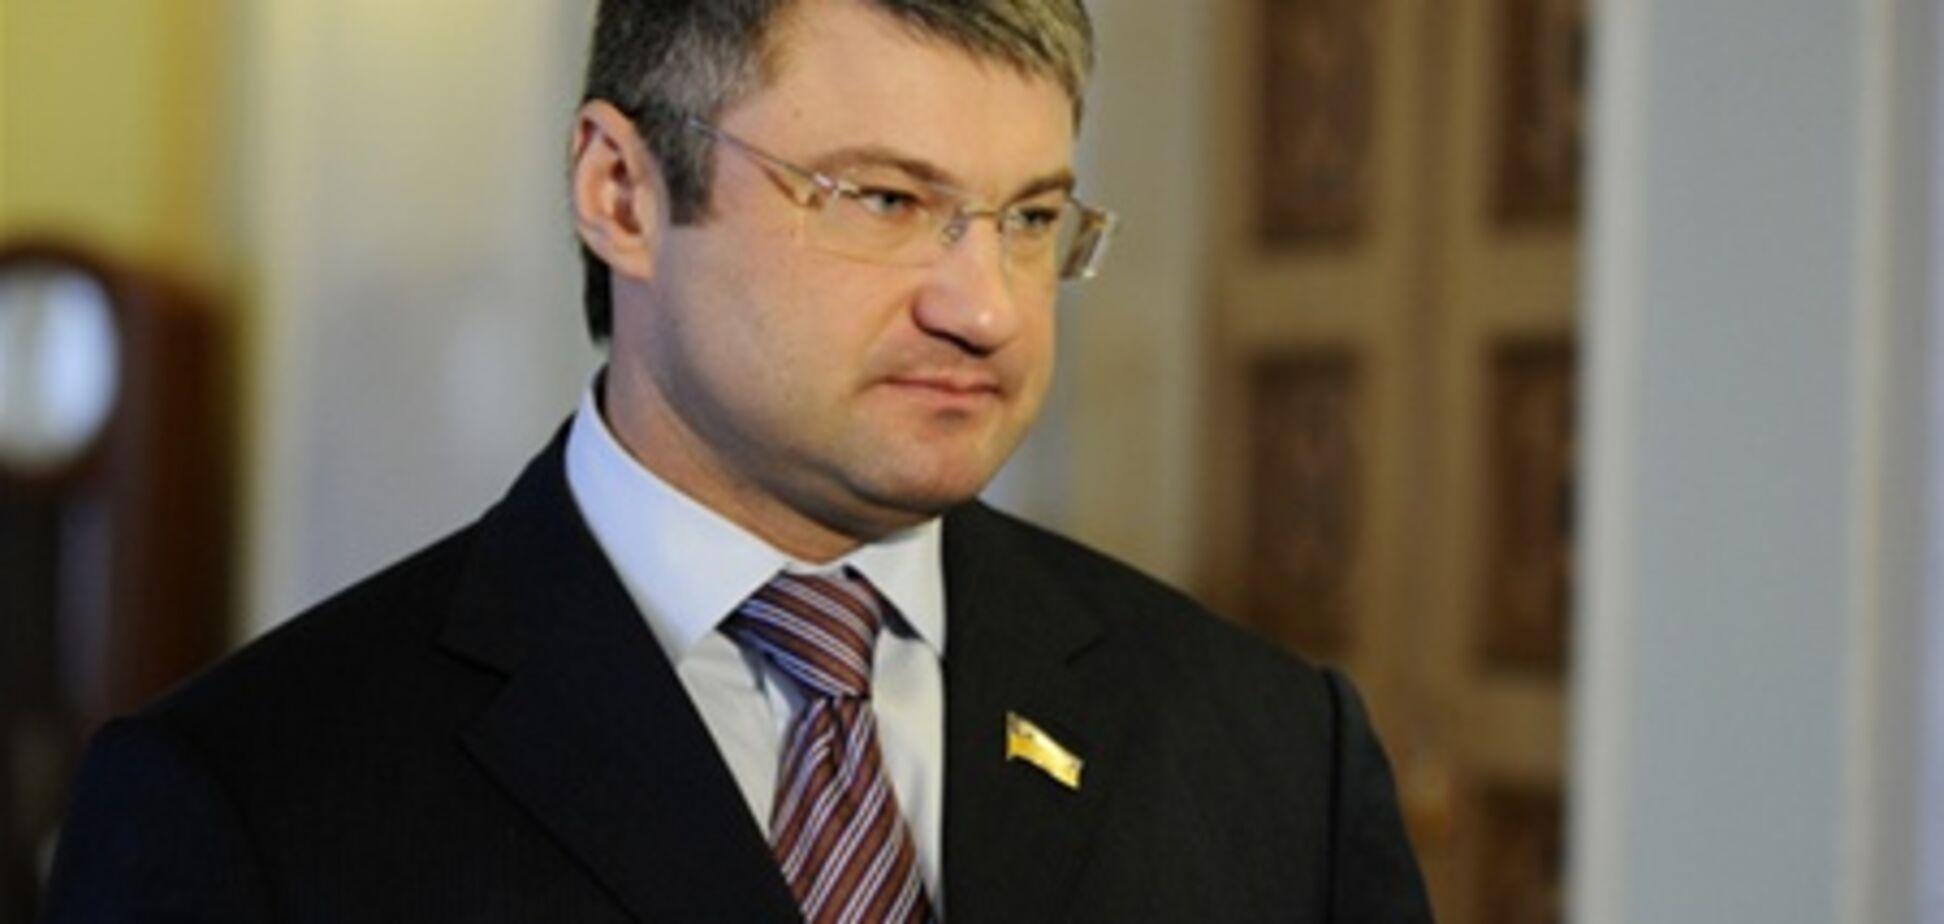 Опозиція хоче спецрозслідування щодо ситуації з Тимошенко